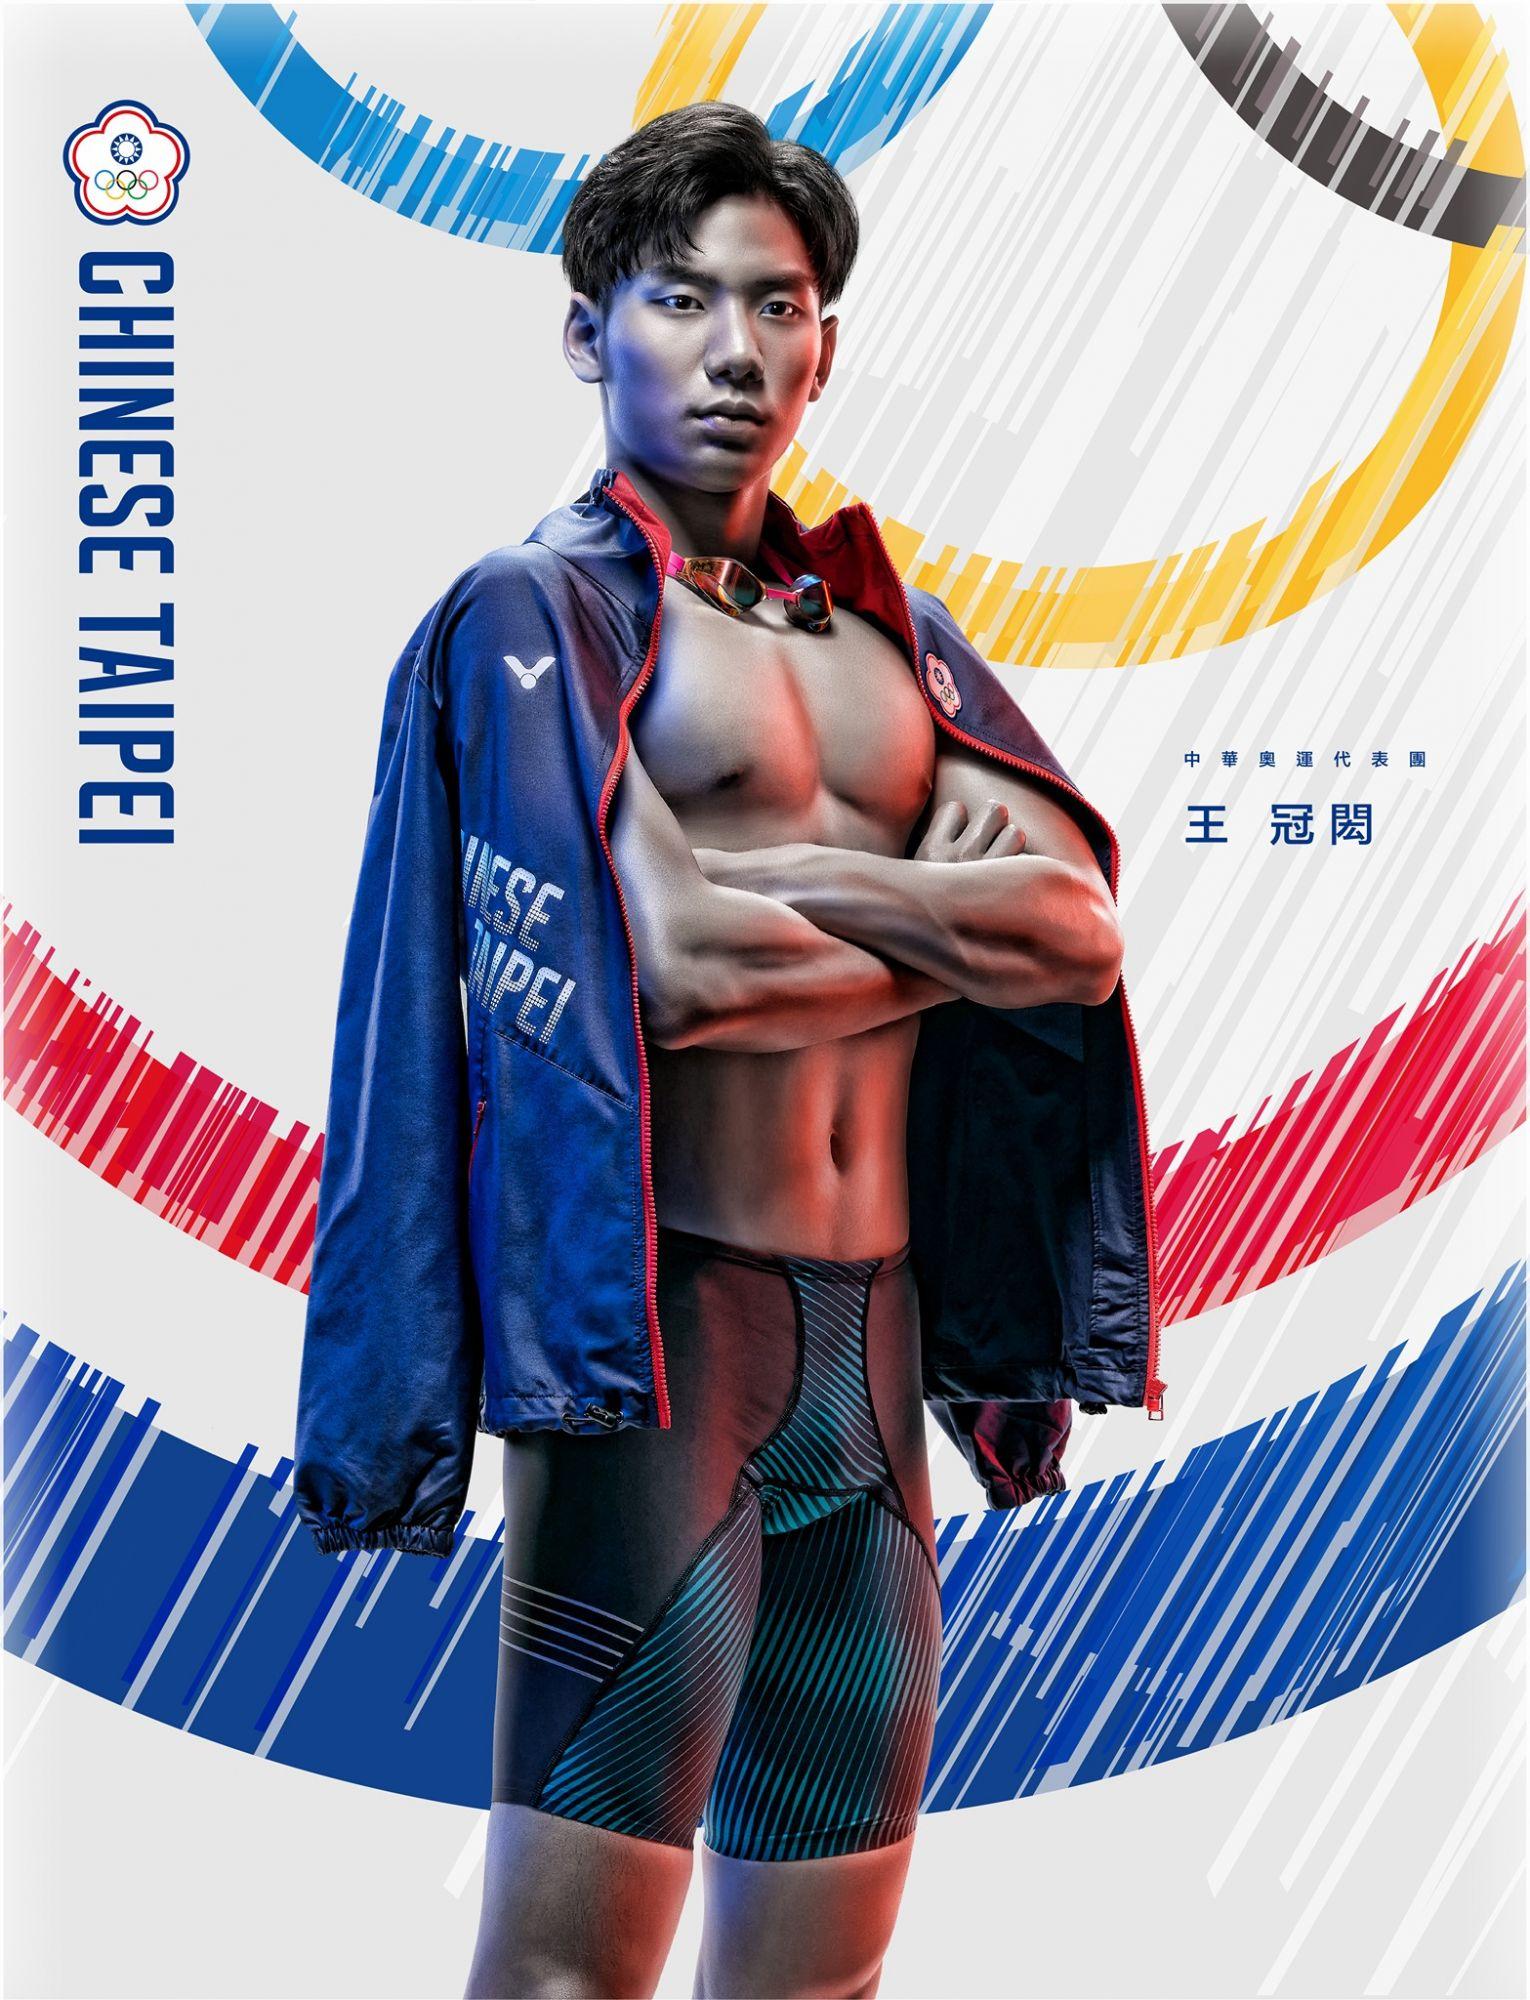 台灣「蝶泳新星」王冠閎。圖片來源/中華奧會 Chinese Taipei Olympic Committee@Facebook